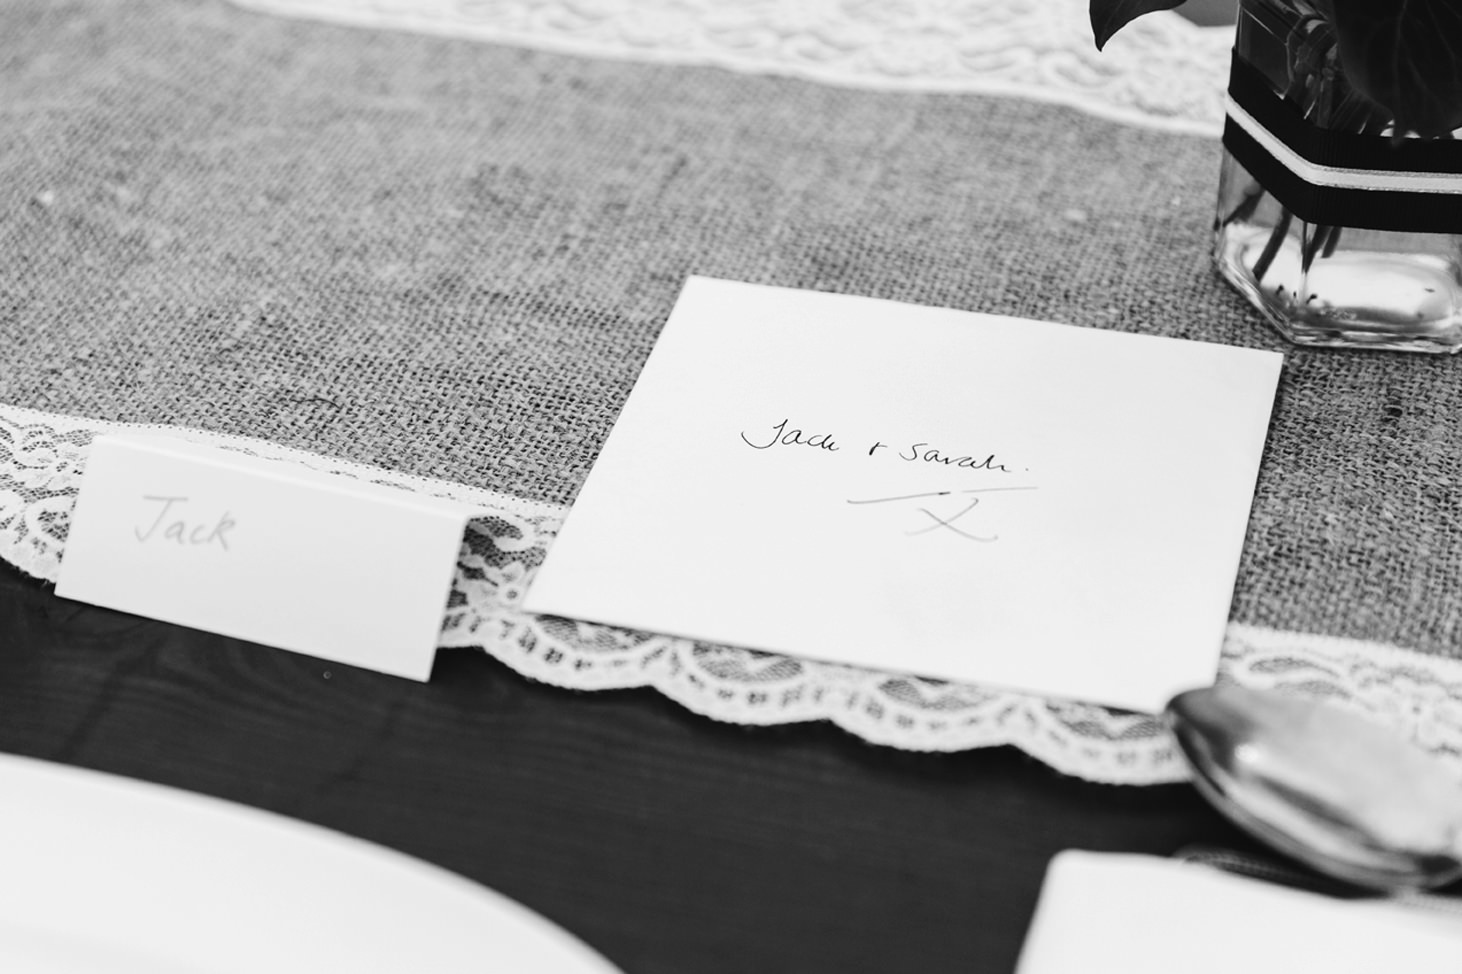 Bodleian library wedding wedding card